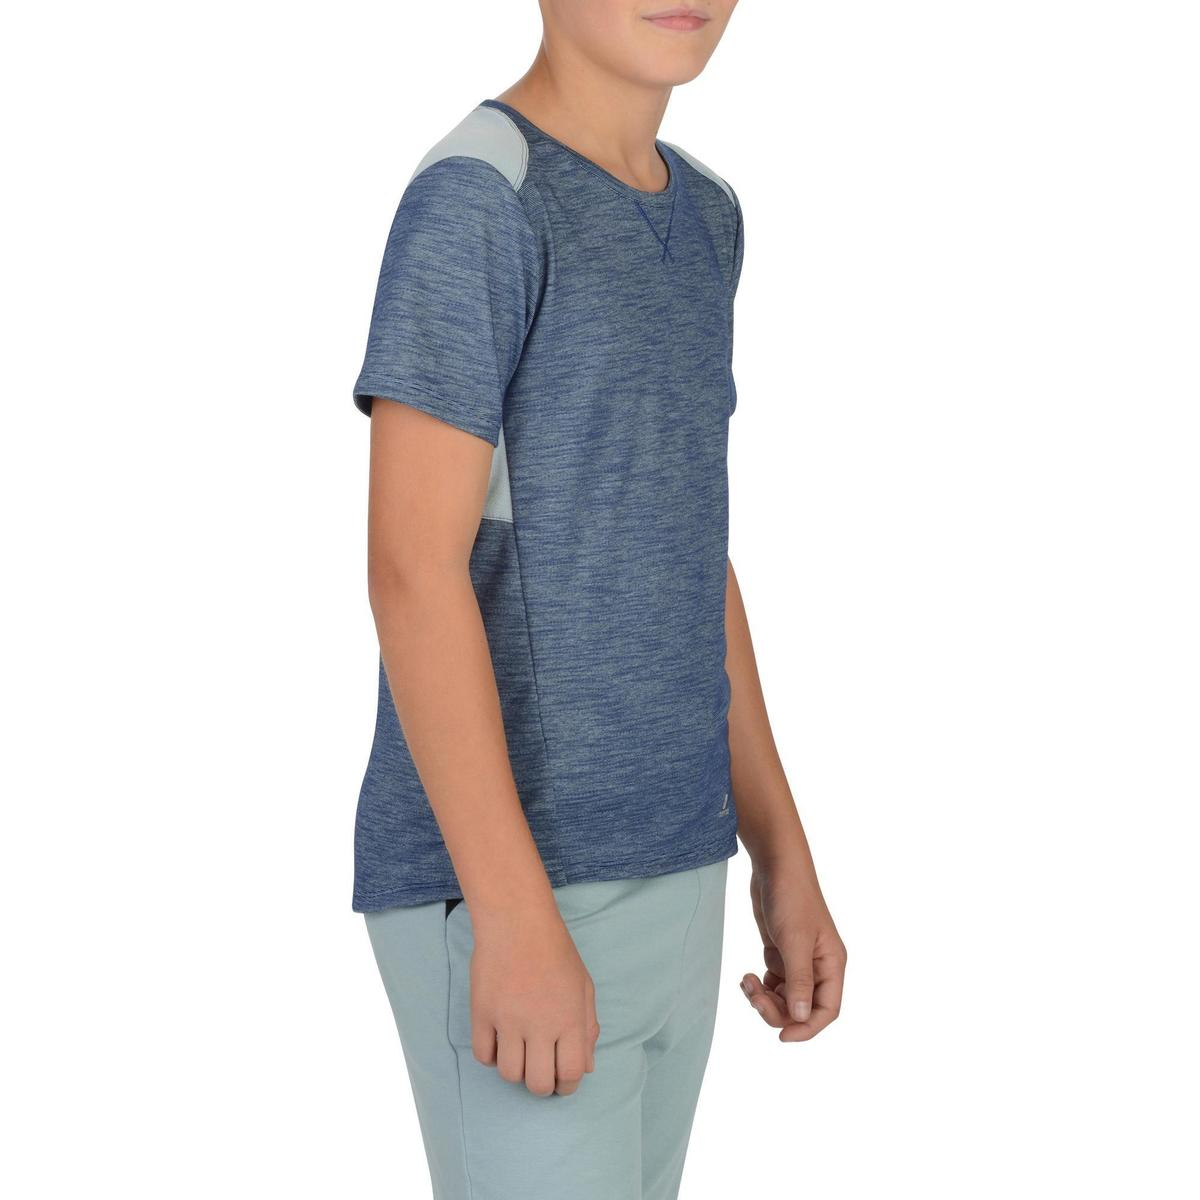 Bild 2 von T-Shirt Kurzarm 500 Gym Kinder grau/blau